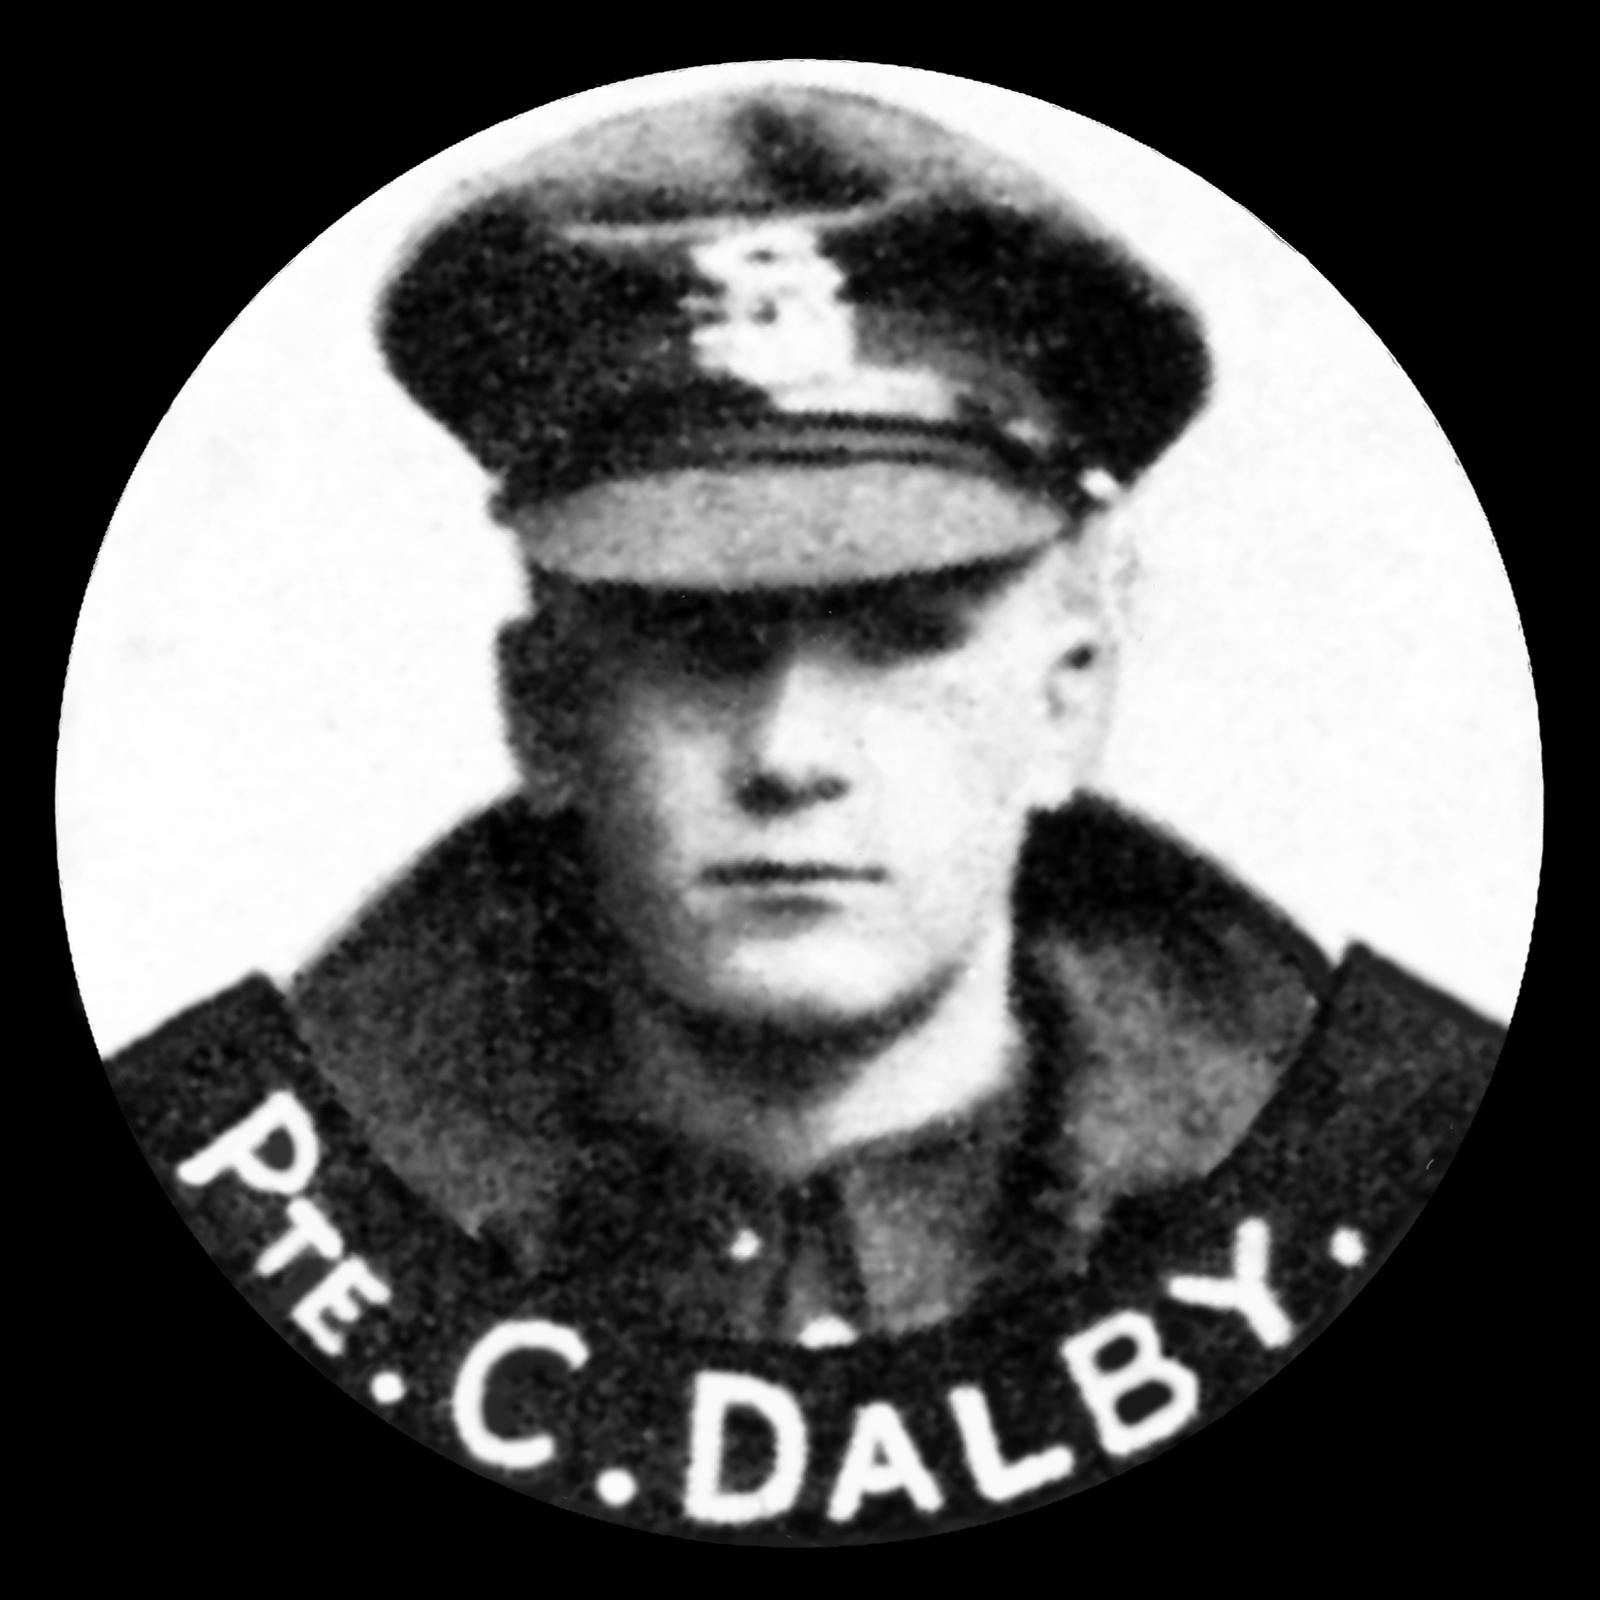 DALBY Cyril